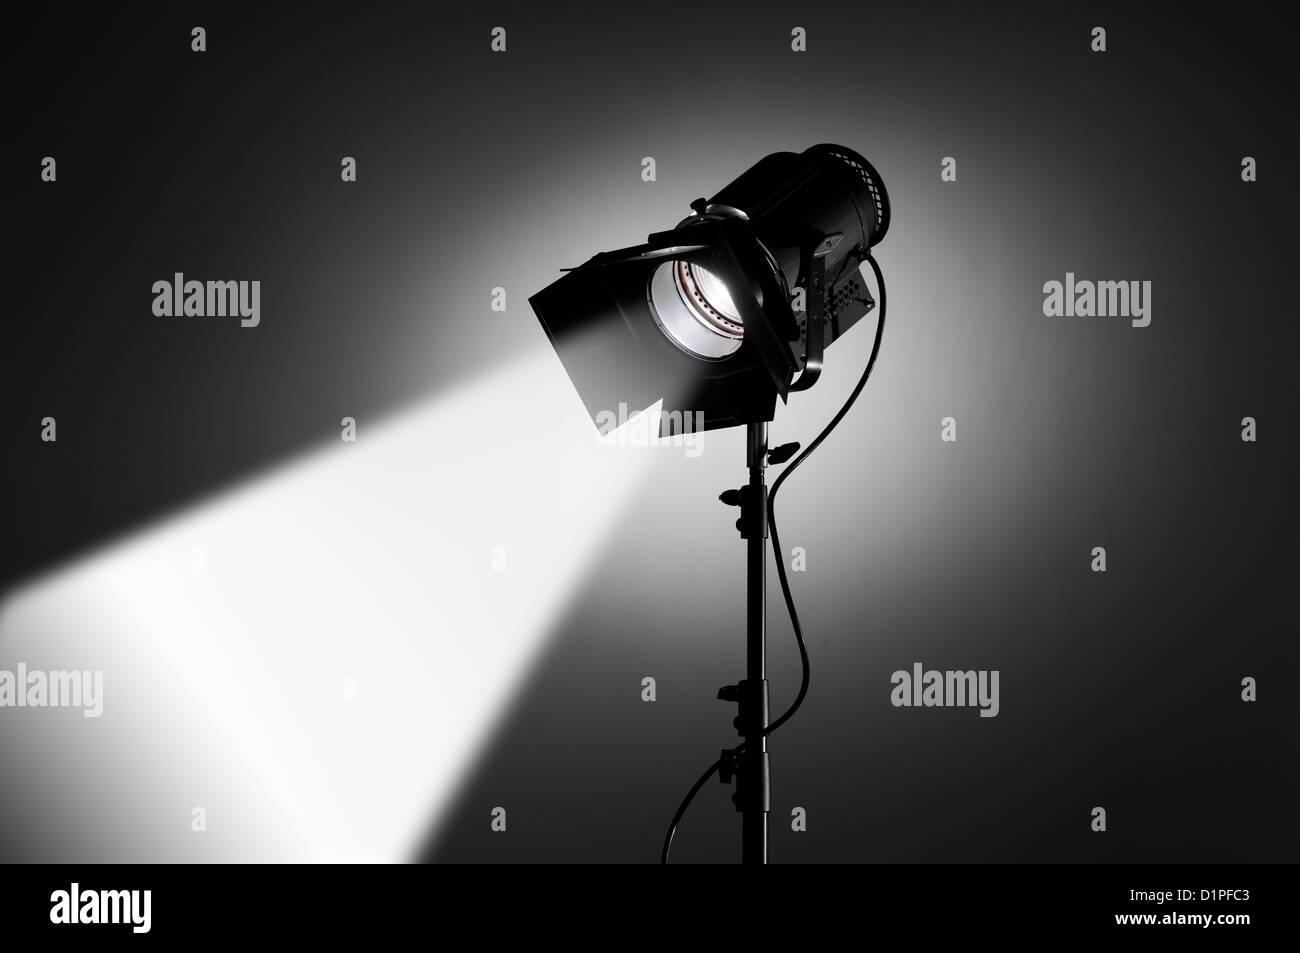 Spotlight aimed in corner - Stock Image